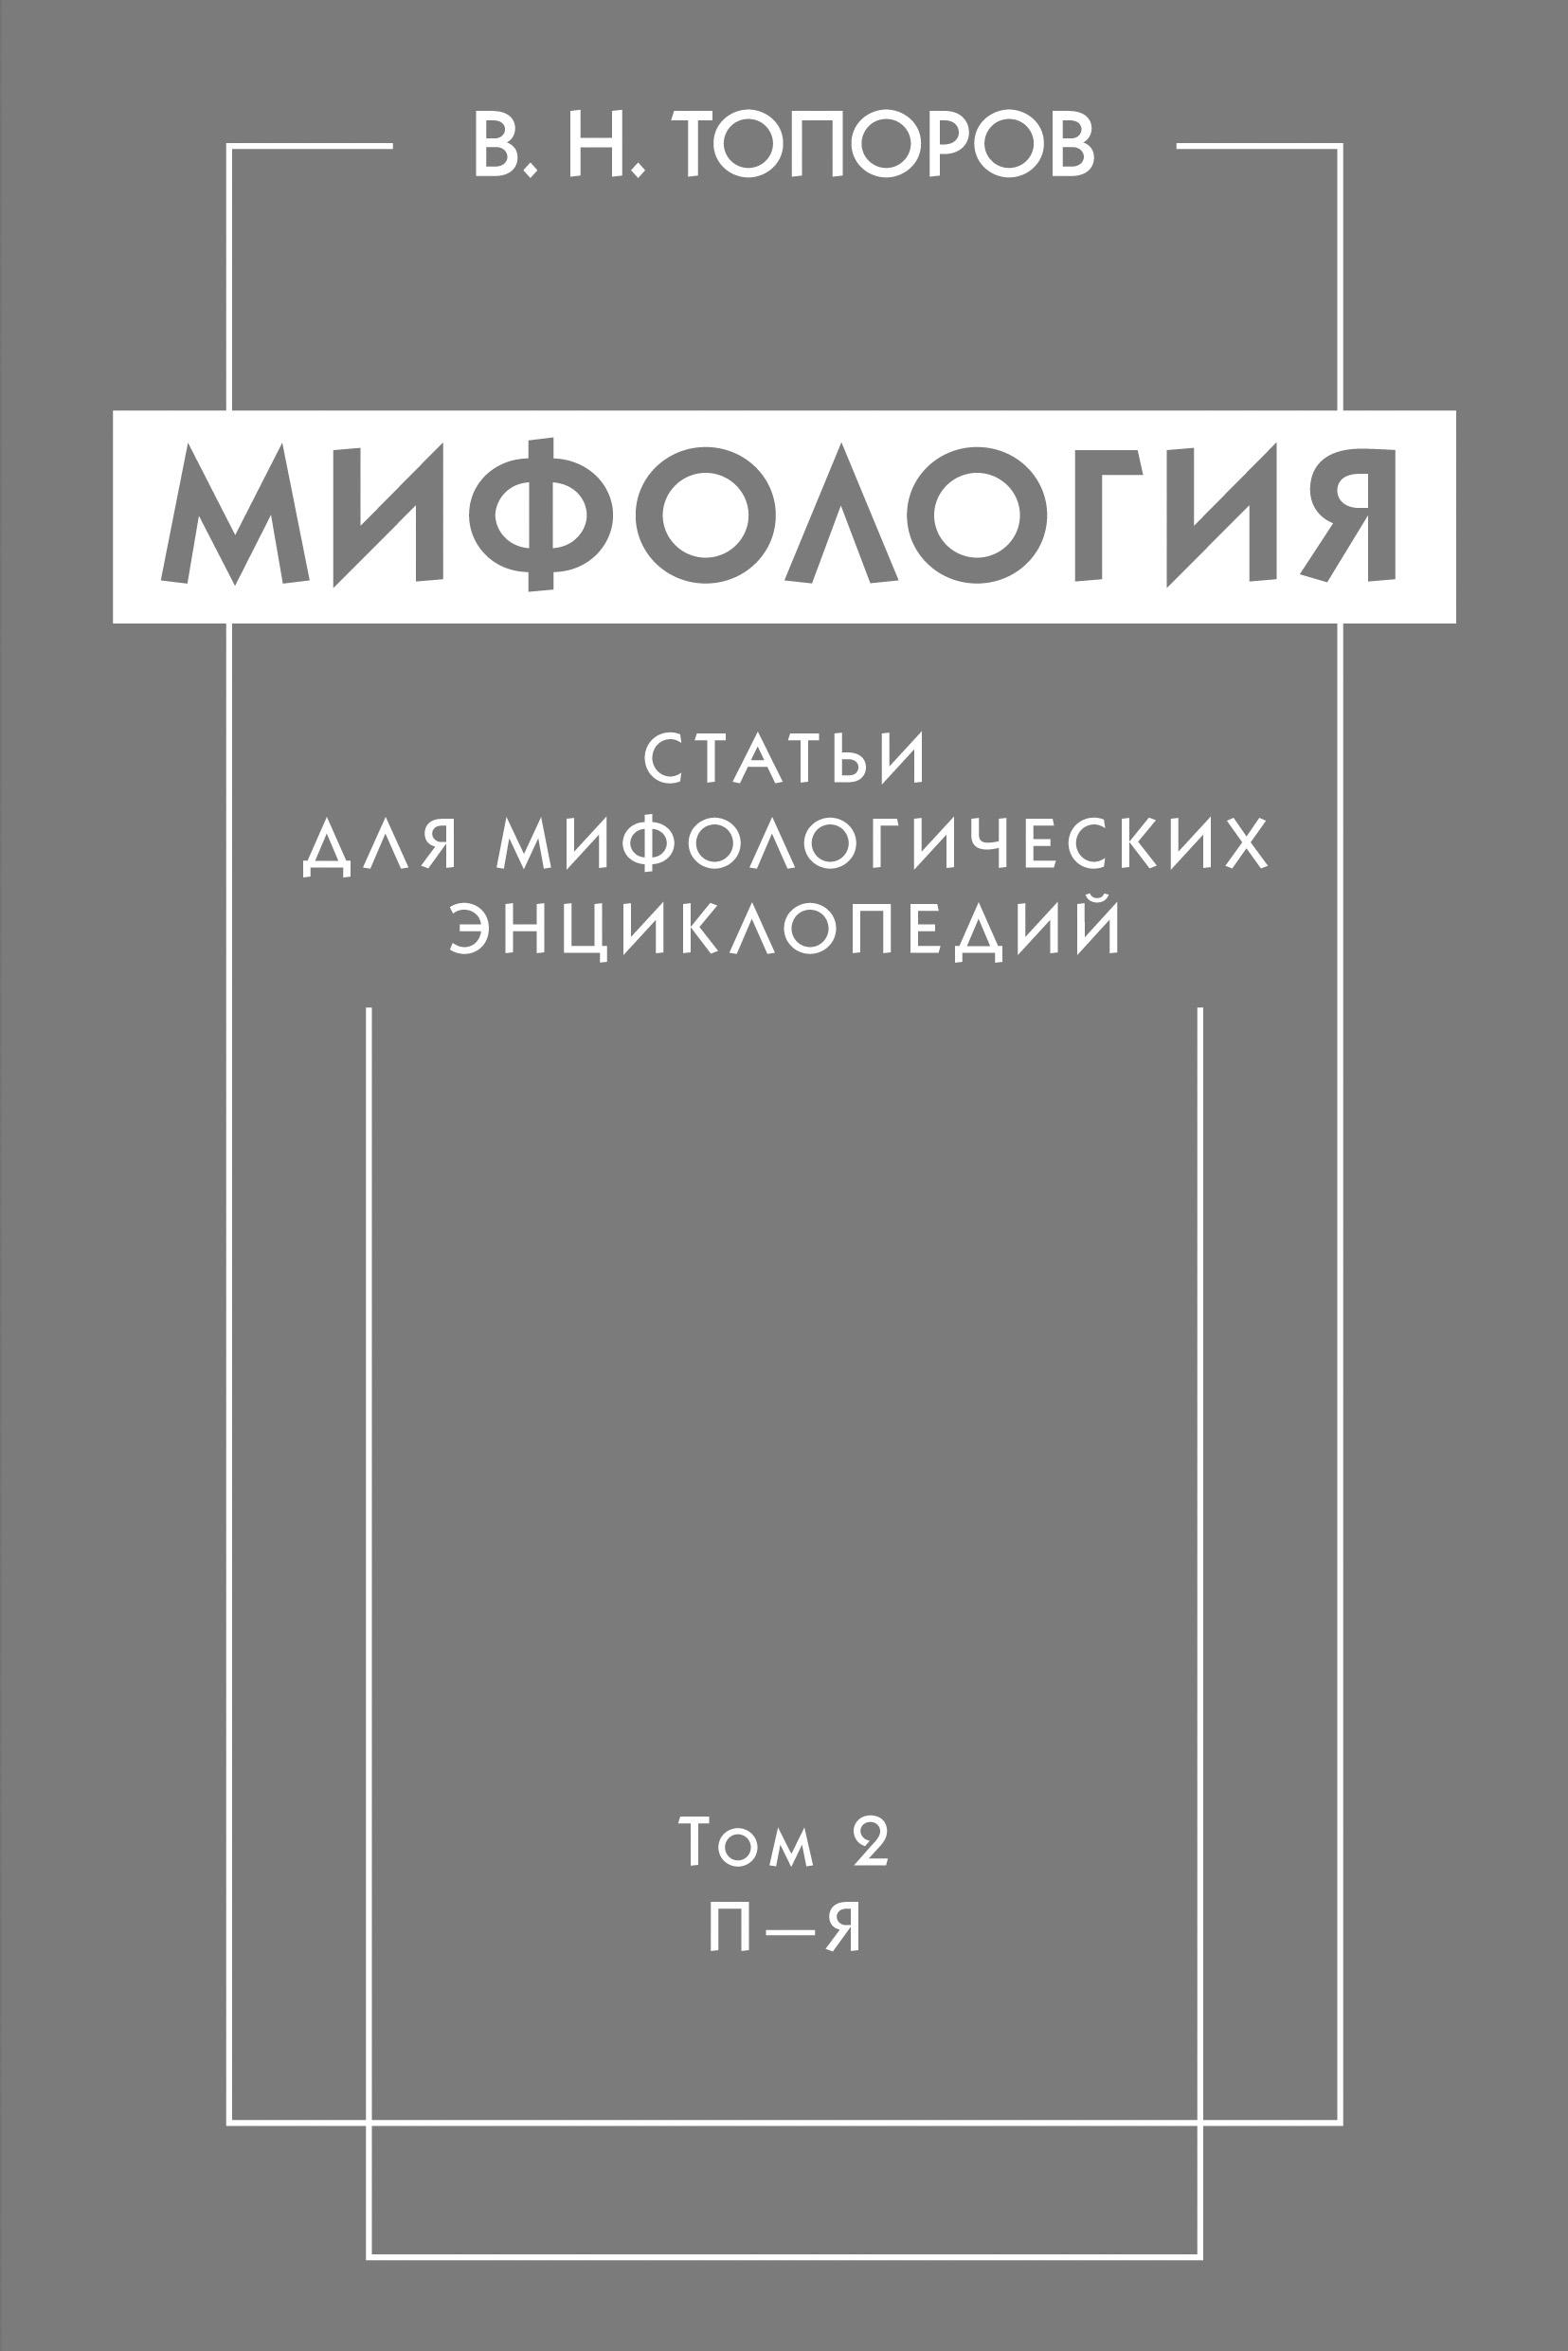 В. Н. Топоров Мифология. Статьи для мифологических энциклопедий. Том 2. П–Я